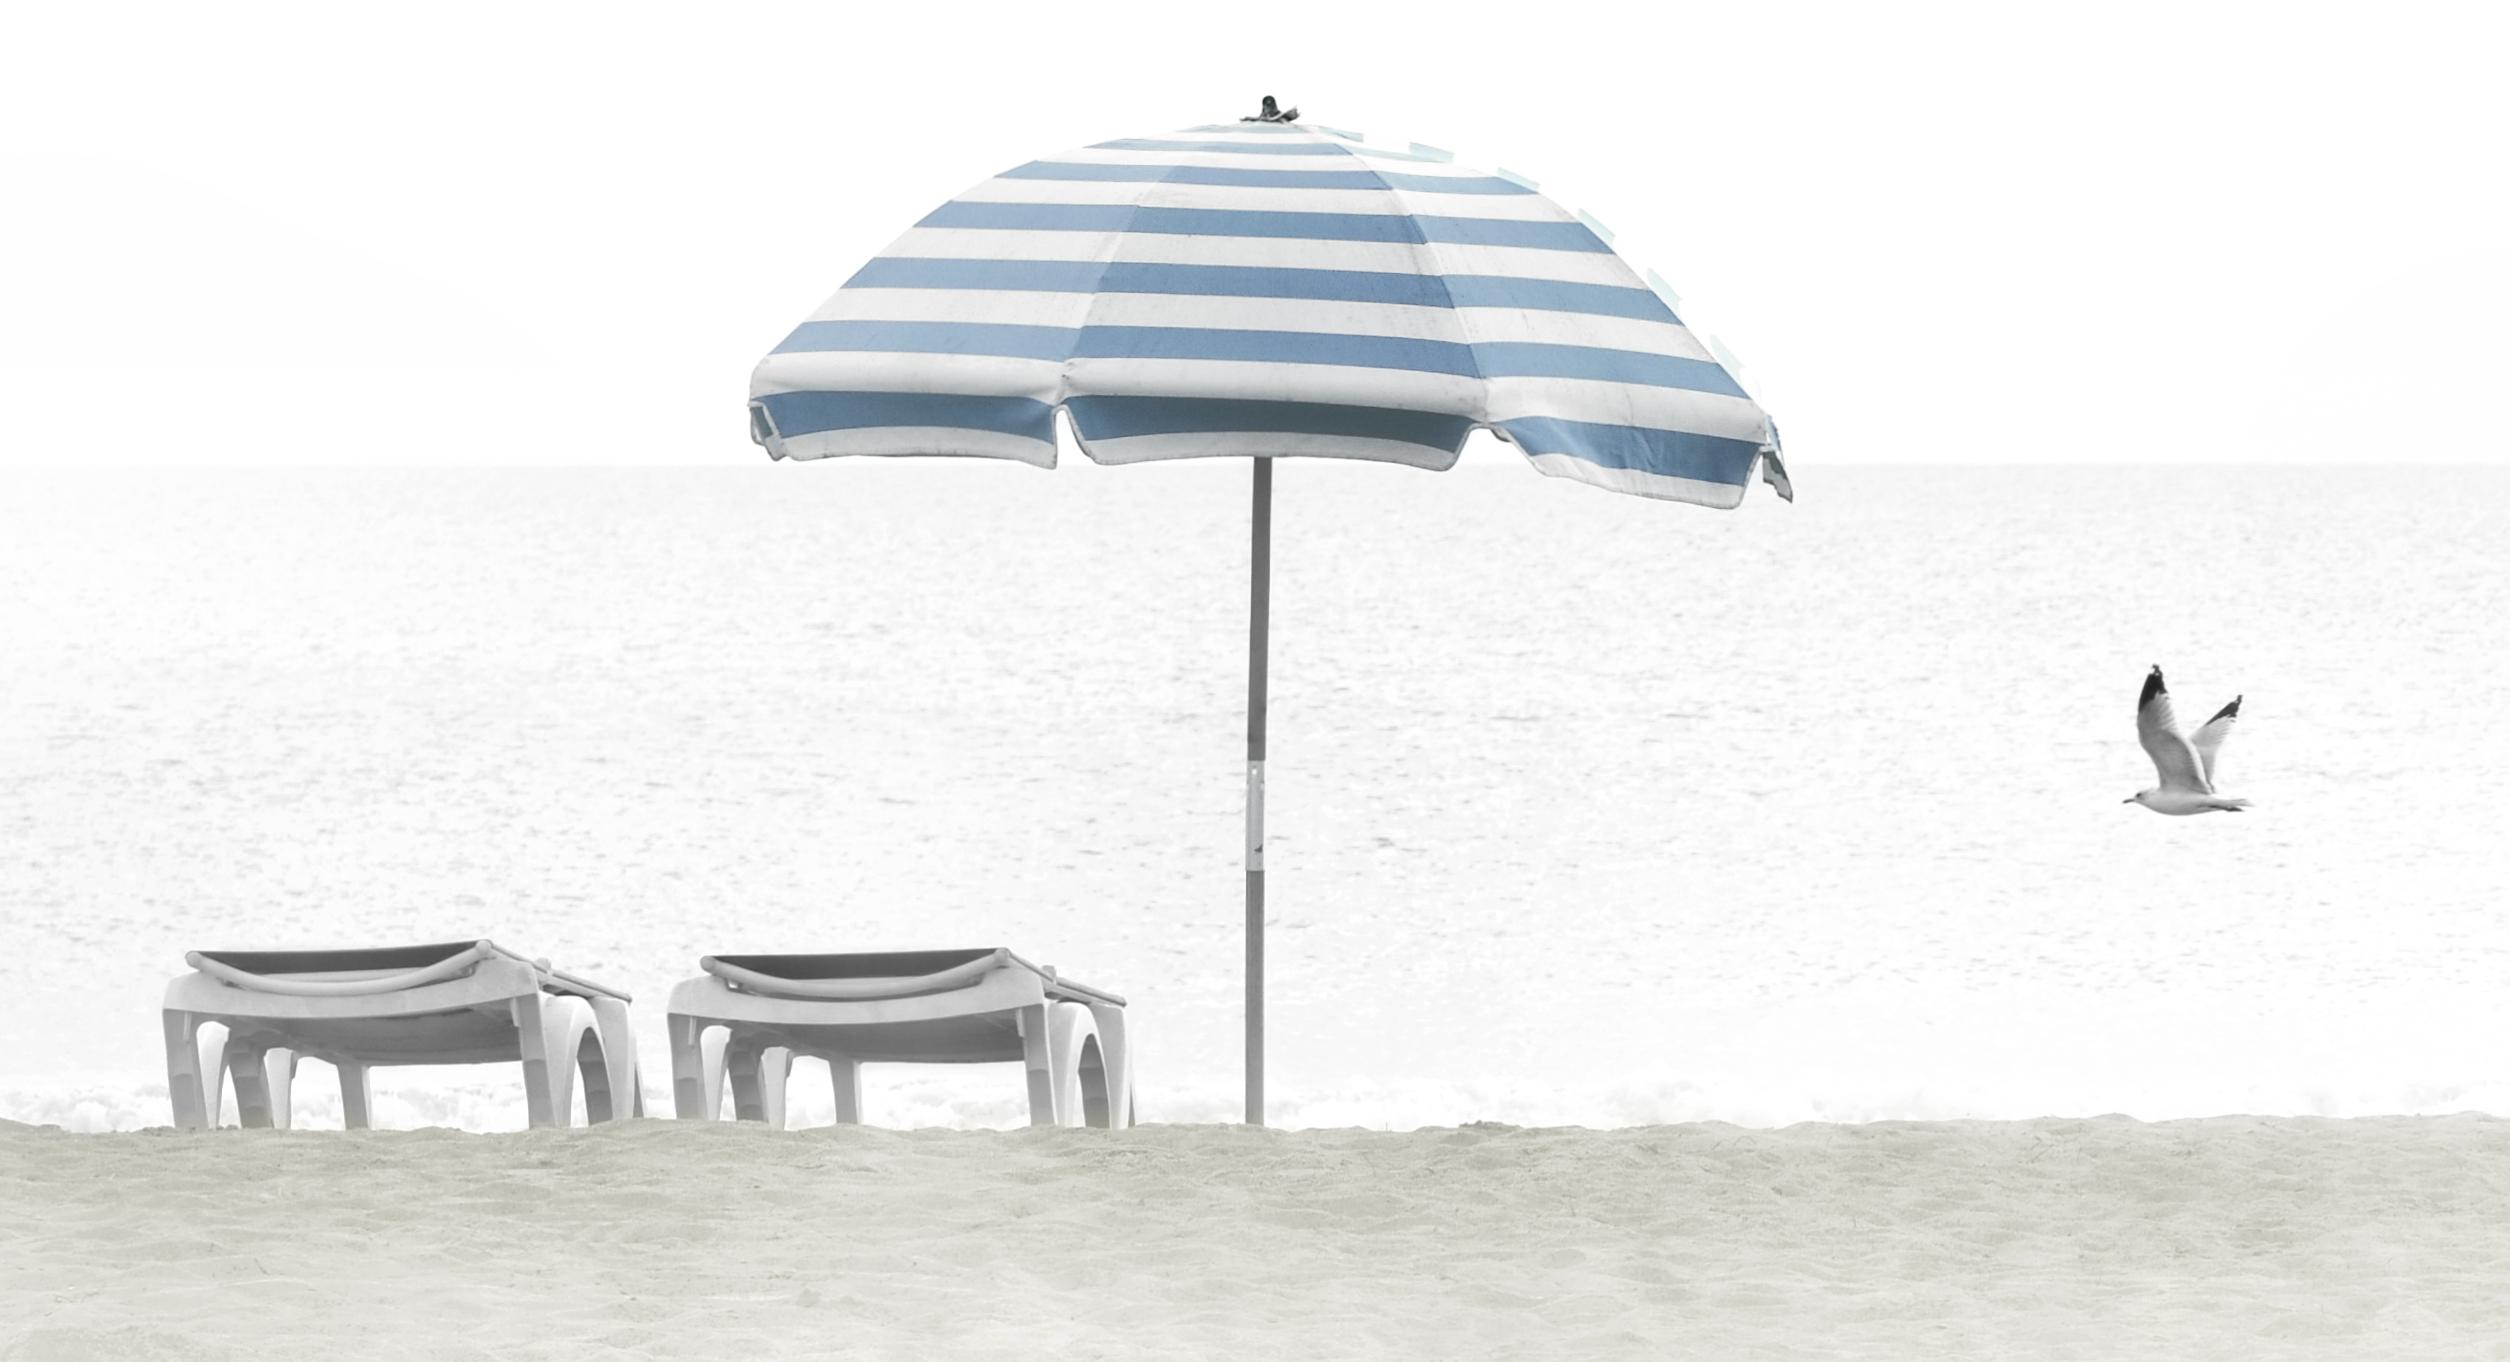 Fondos de pantalla : mar, espacio, cielo, parque, playa, paraguas ...